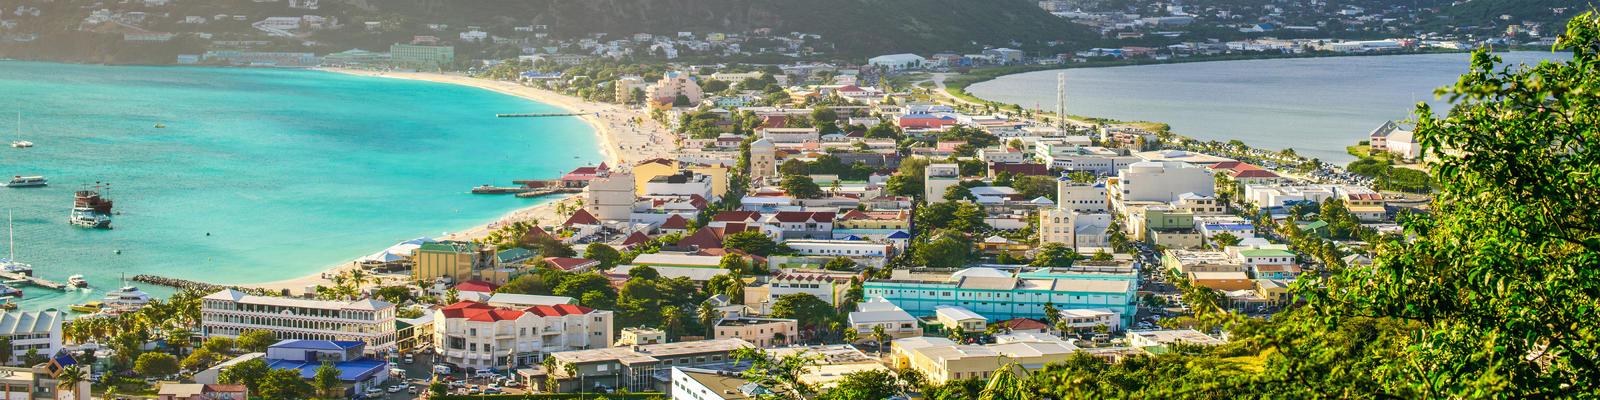 St. Maarten (Photo:Sean Pavone/Shutterstock)